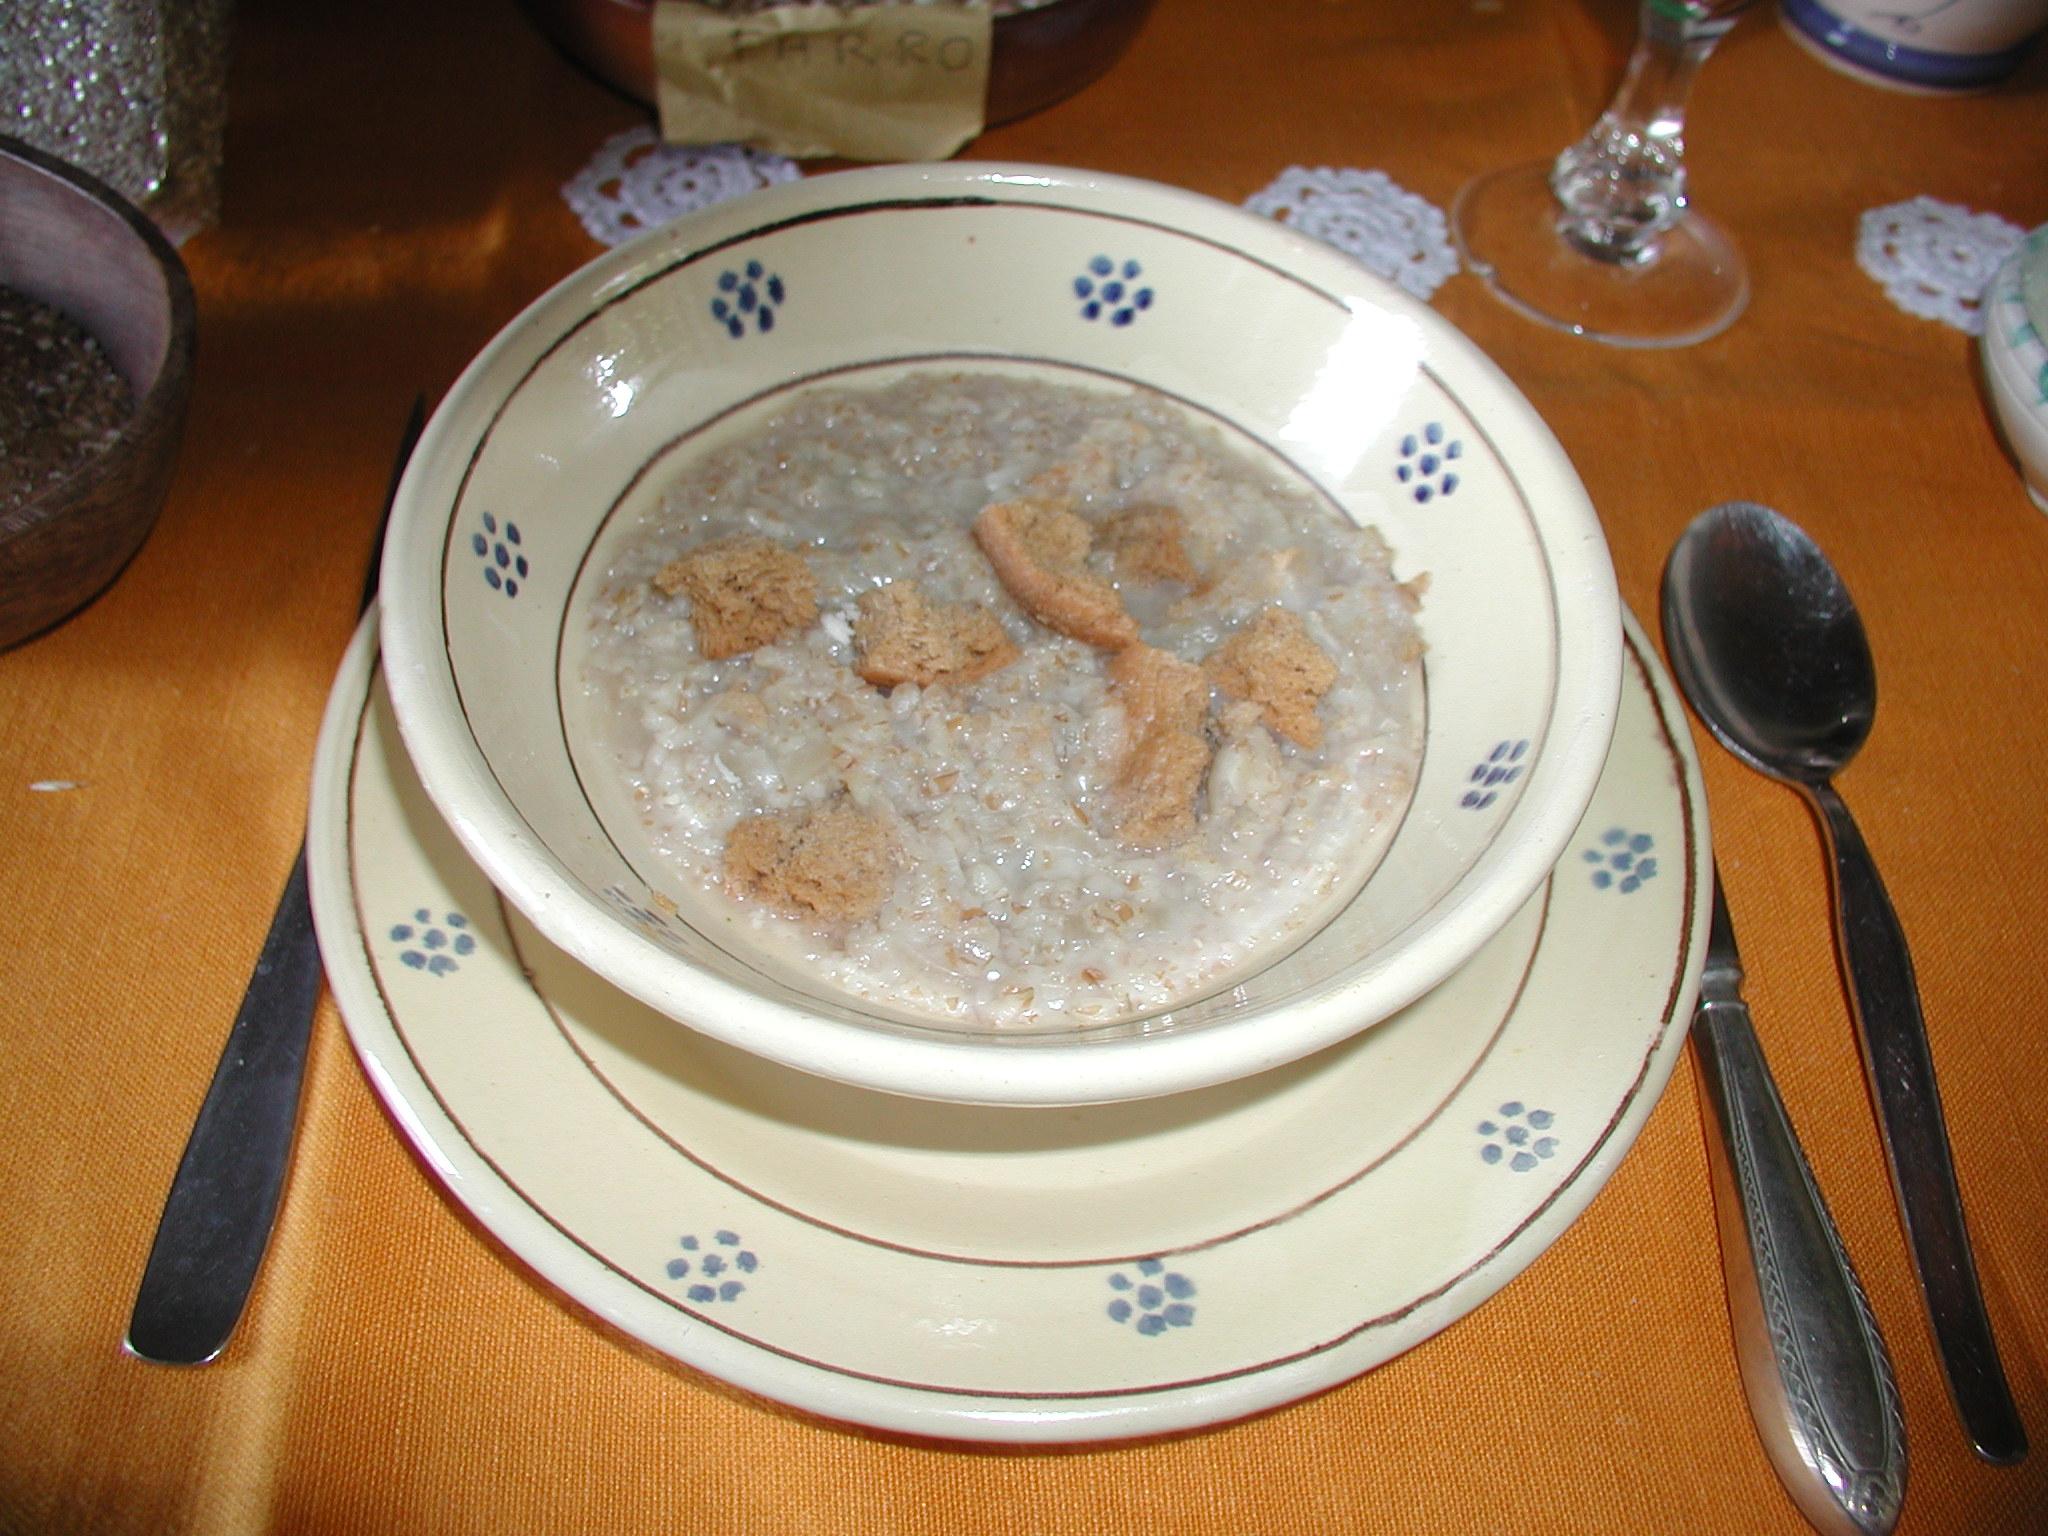 zuppa di saccarolo - azienda agricola Le Barbarighe